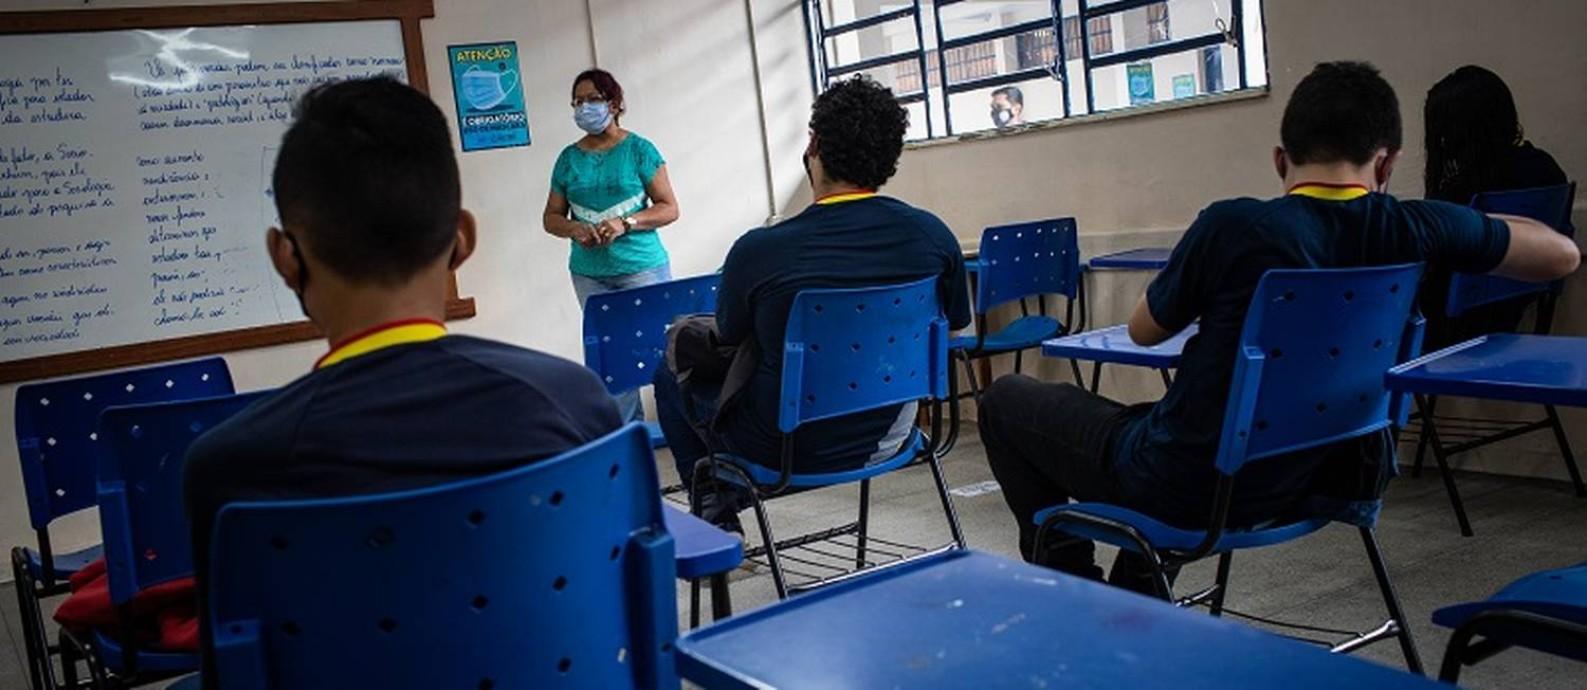 Depois de pandemia, alunos da Escola Estadual Homero de Miranda Leão, na Zona Norte de Manaus, se preparam para enfrentar mudanças no currículo do ensino médio Foto: Raphael Alves / Agência O Globo